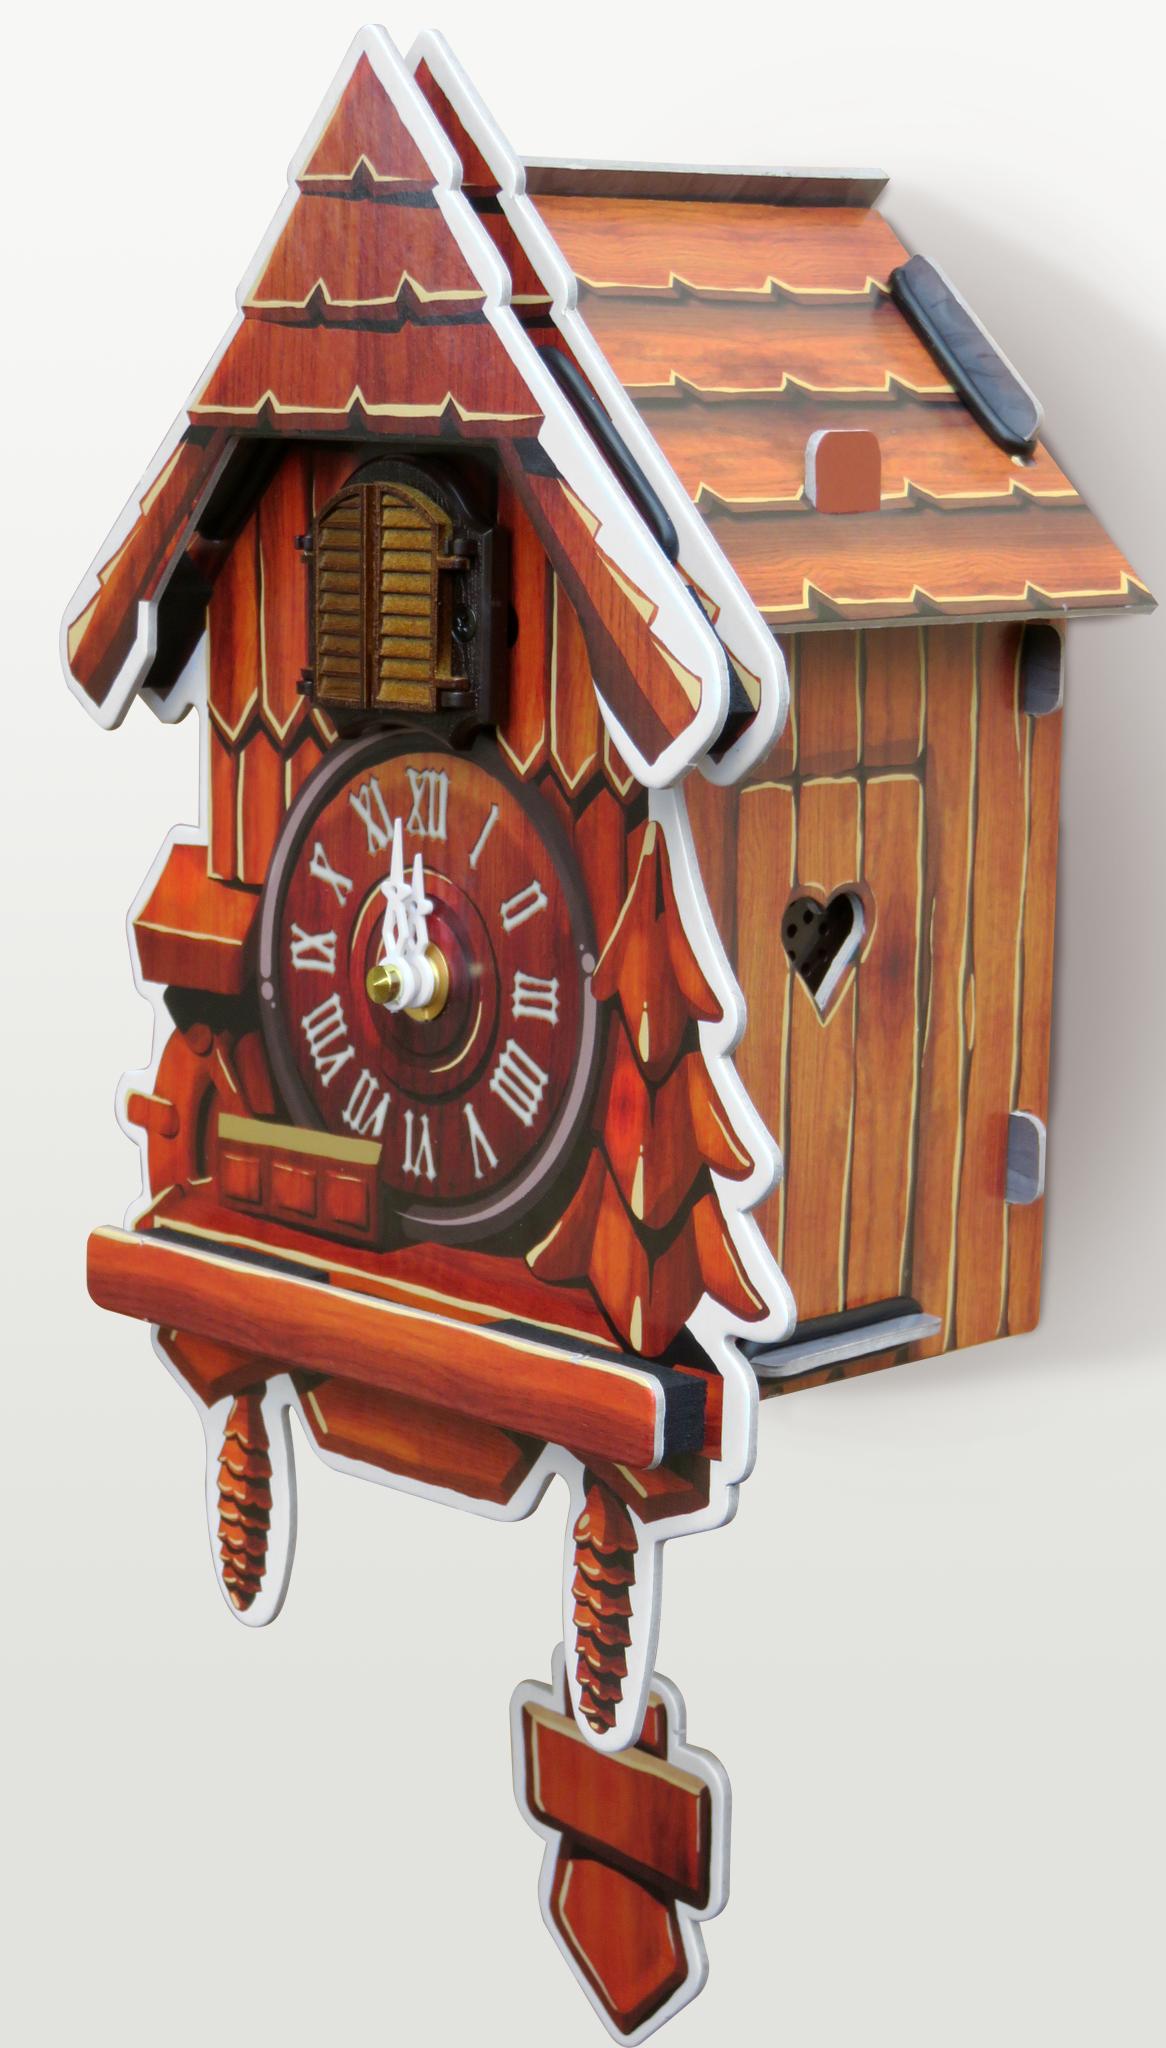 kuckucksuhr kinder michelbach kult ag spielwaren und geschenke f r kinder. Black Bedroom Furniture Sets. Home Design Ideas